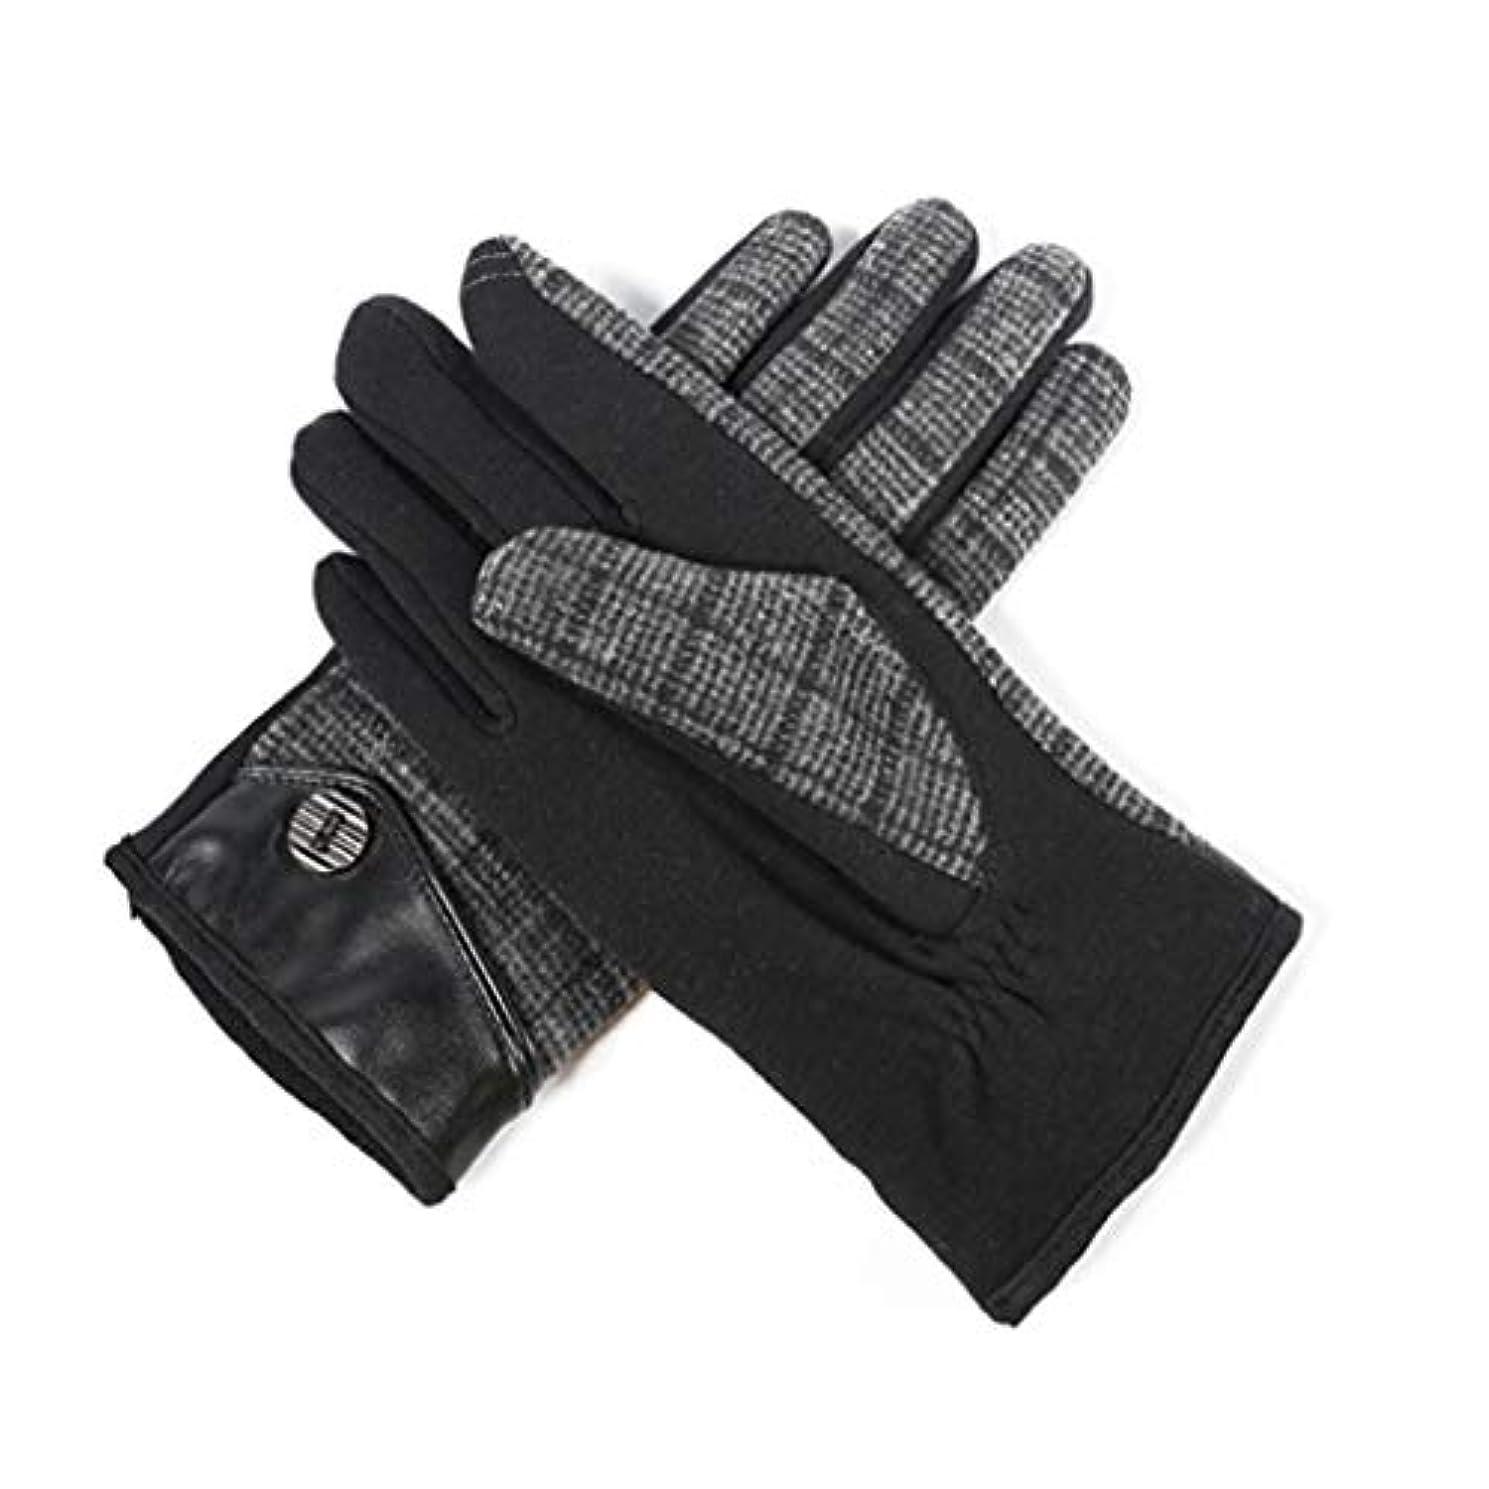 観客怠なあいまいさ暖かいメンズサイクリング用手袋を保つための男性用手袋プラスベルベットの秋冬用手袋